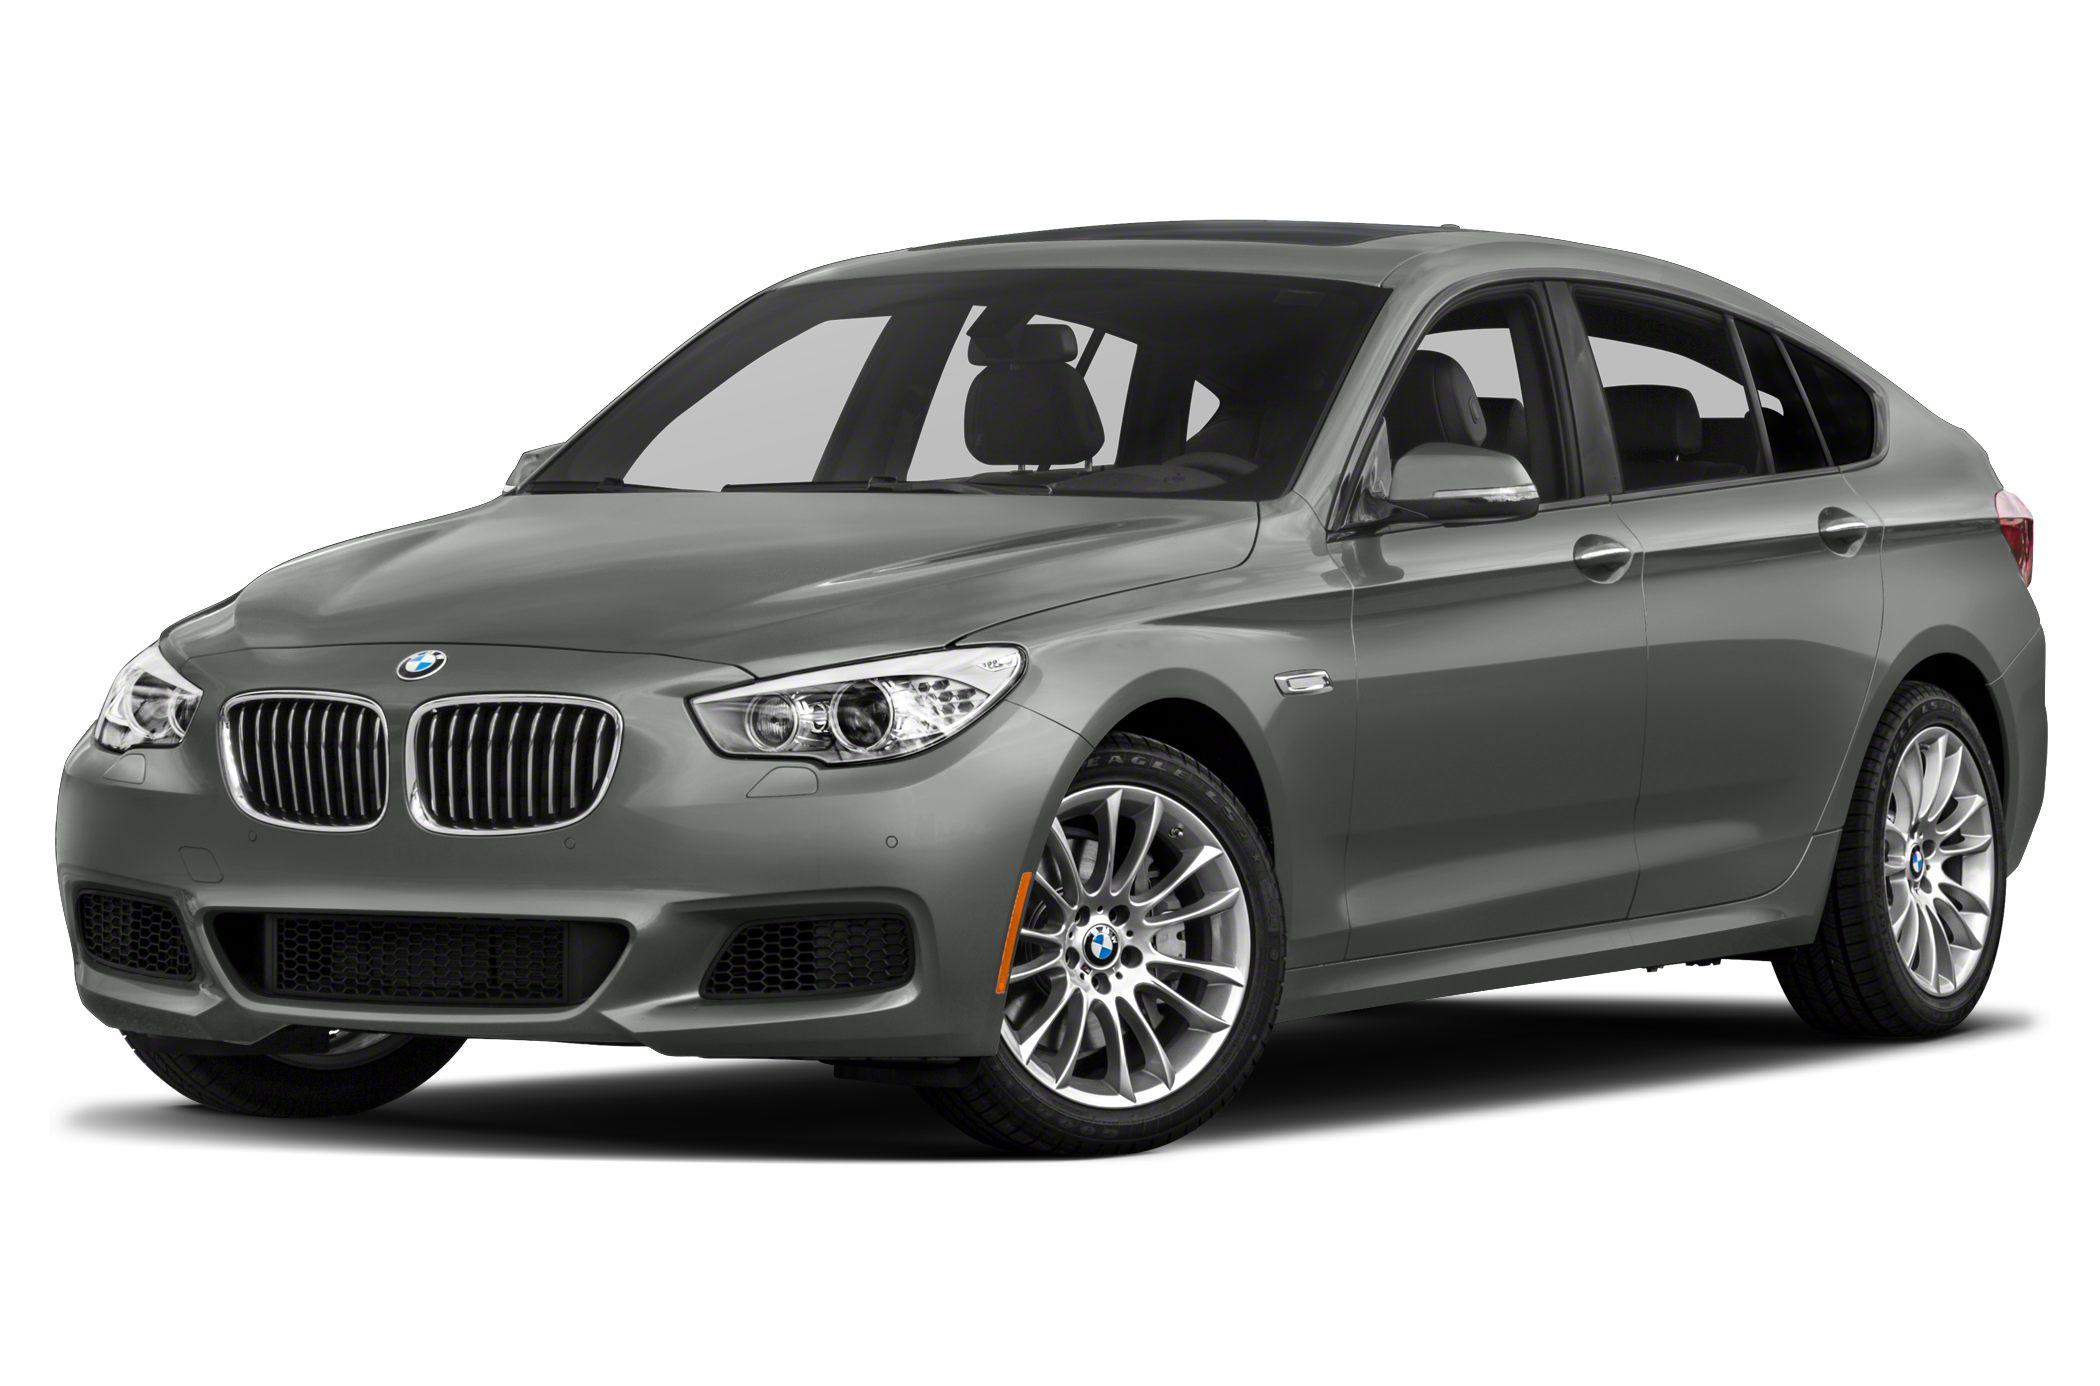 2017 BMW 535 Gran Turismo